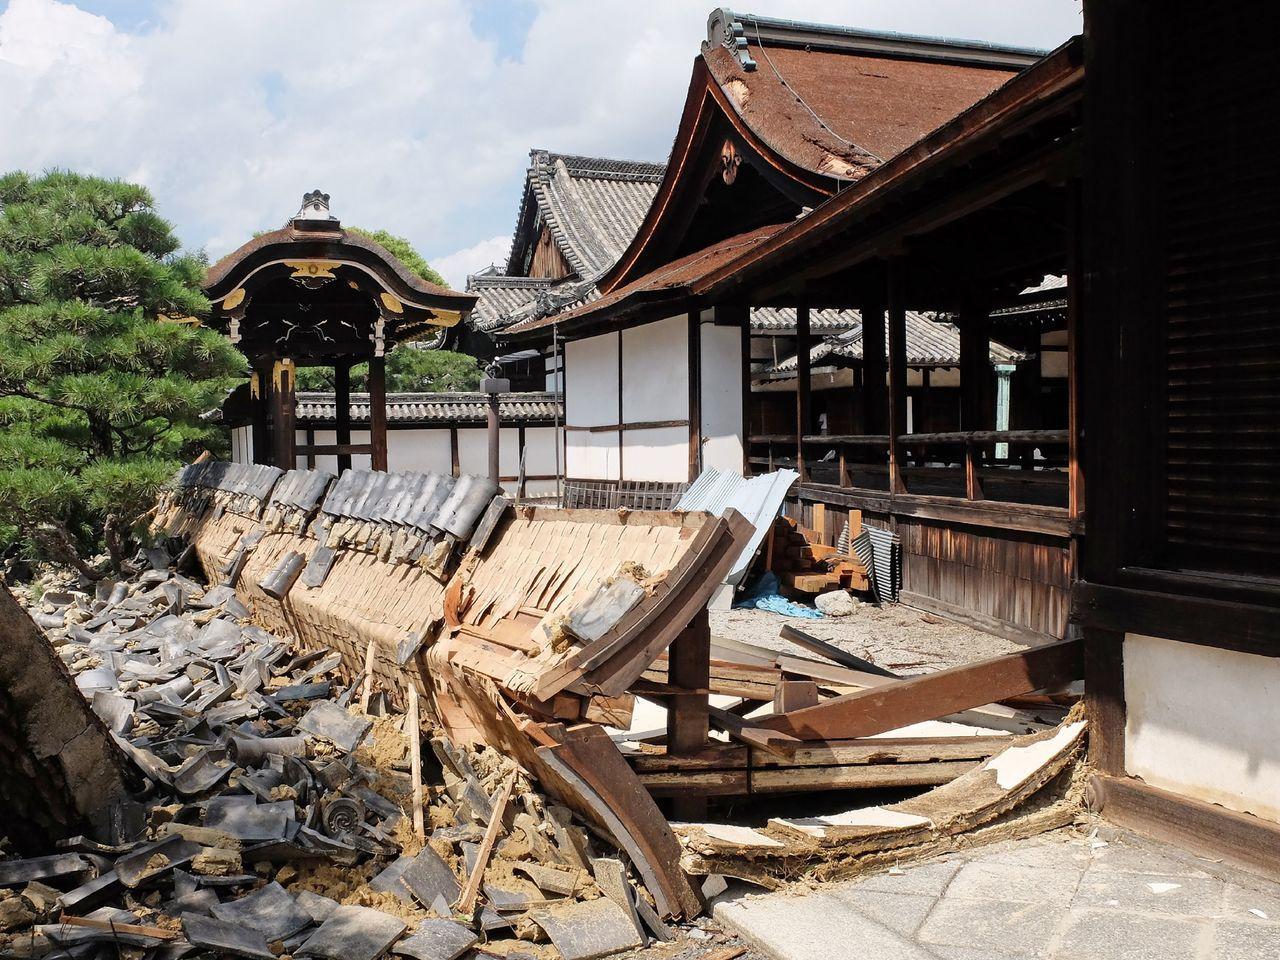 京都西本願寺的南能舞台圍牆不敵颱台威力而倒塌。(法新社)